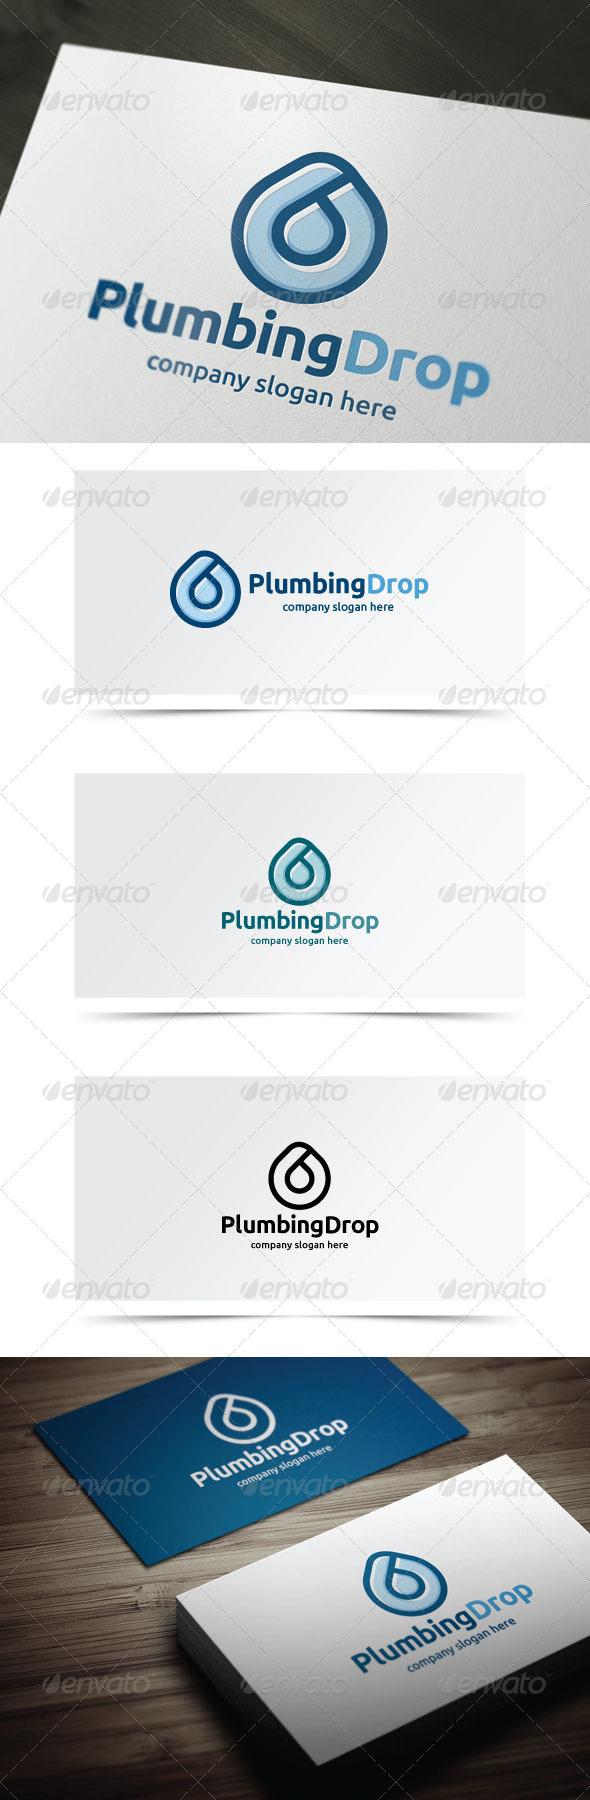 Plumbing Drop